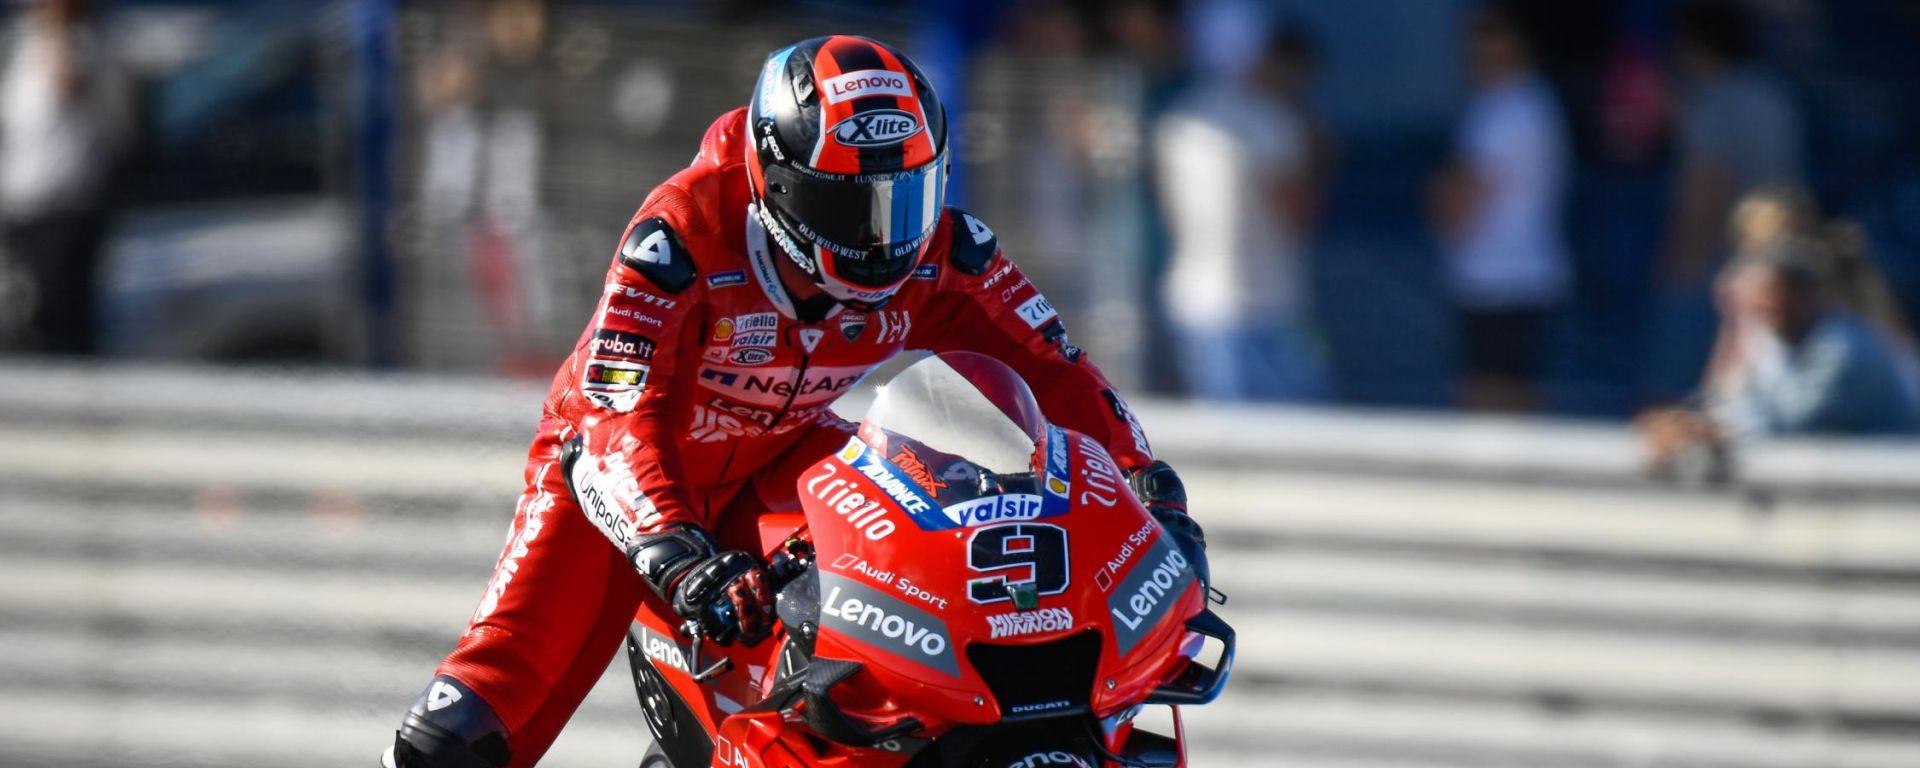 MotoGP Spagna. Ducati davanti nelle FP2 con Petrucci e Dovi